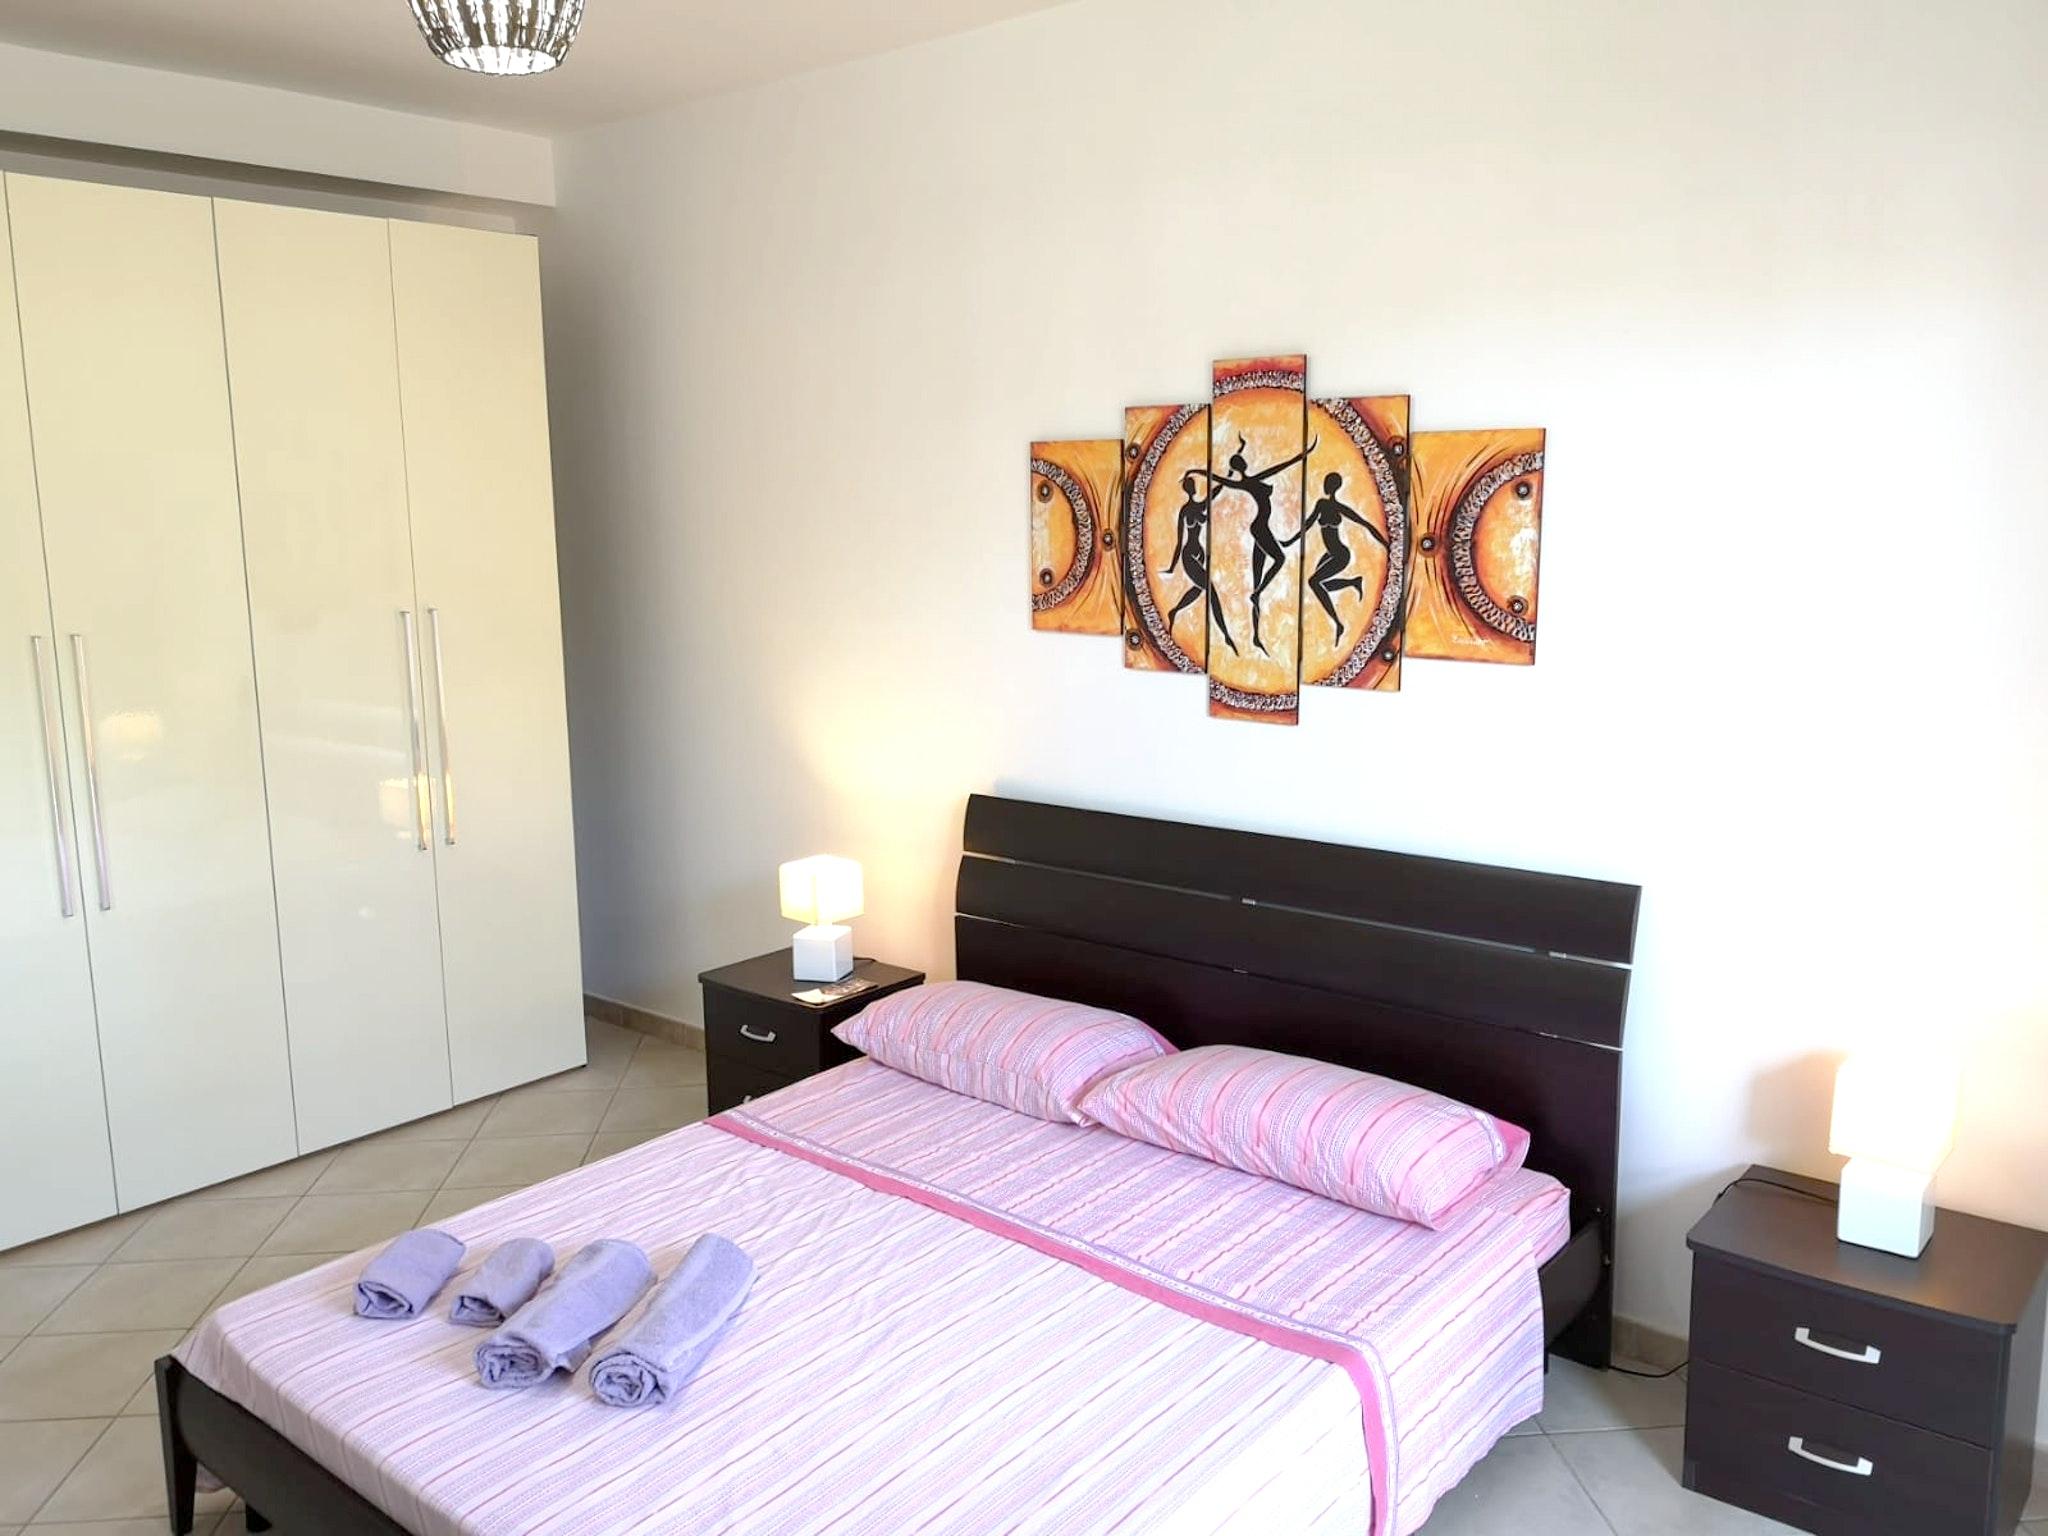 Maison de vacances Villa mit 4 Schlafzimmern in Scicli mit privatem Pool, eingezäuntem Garten und W-LAN - 300 (2617979), Scicli, Ragusa, Sicile, Italie, image 8